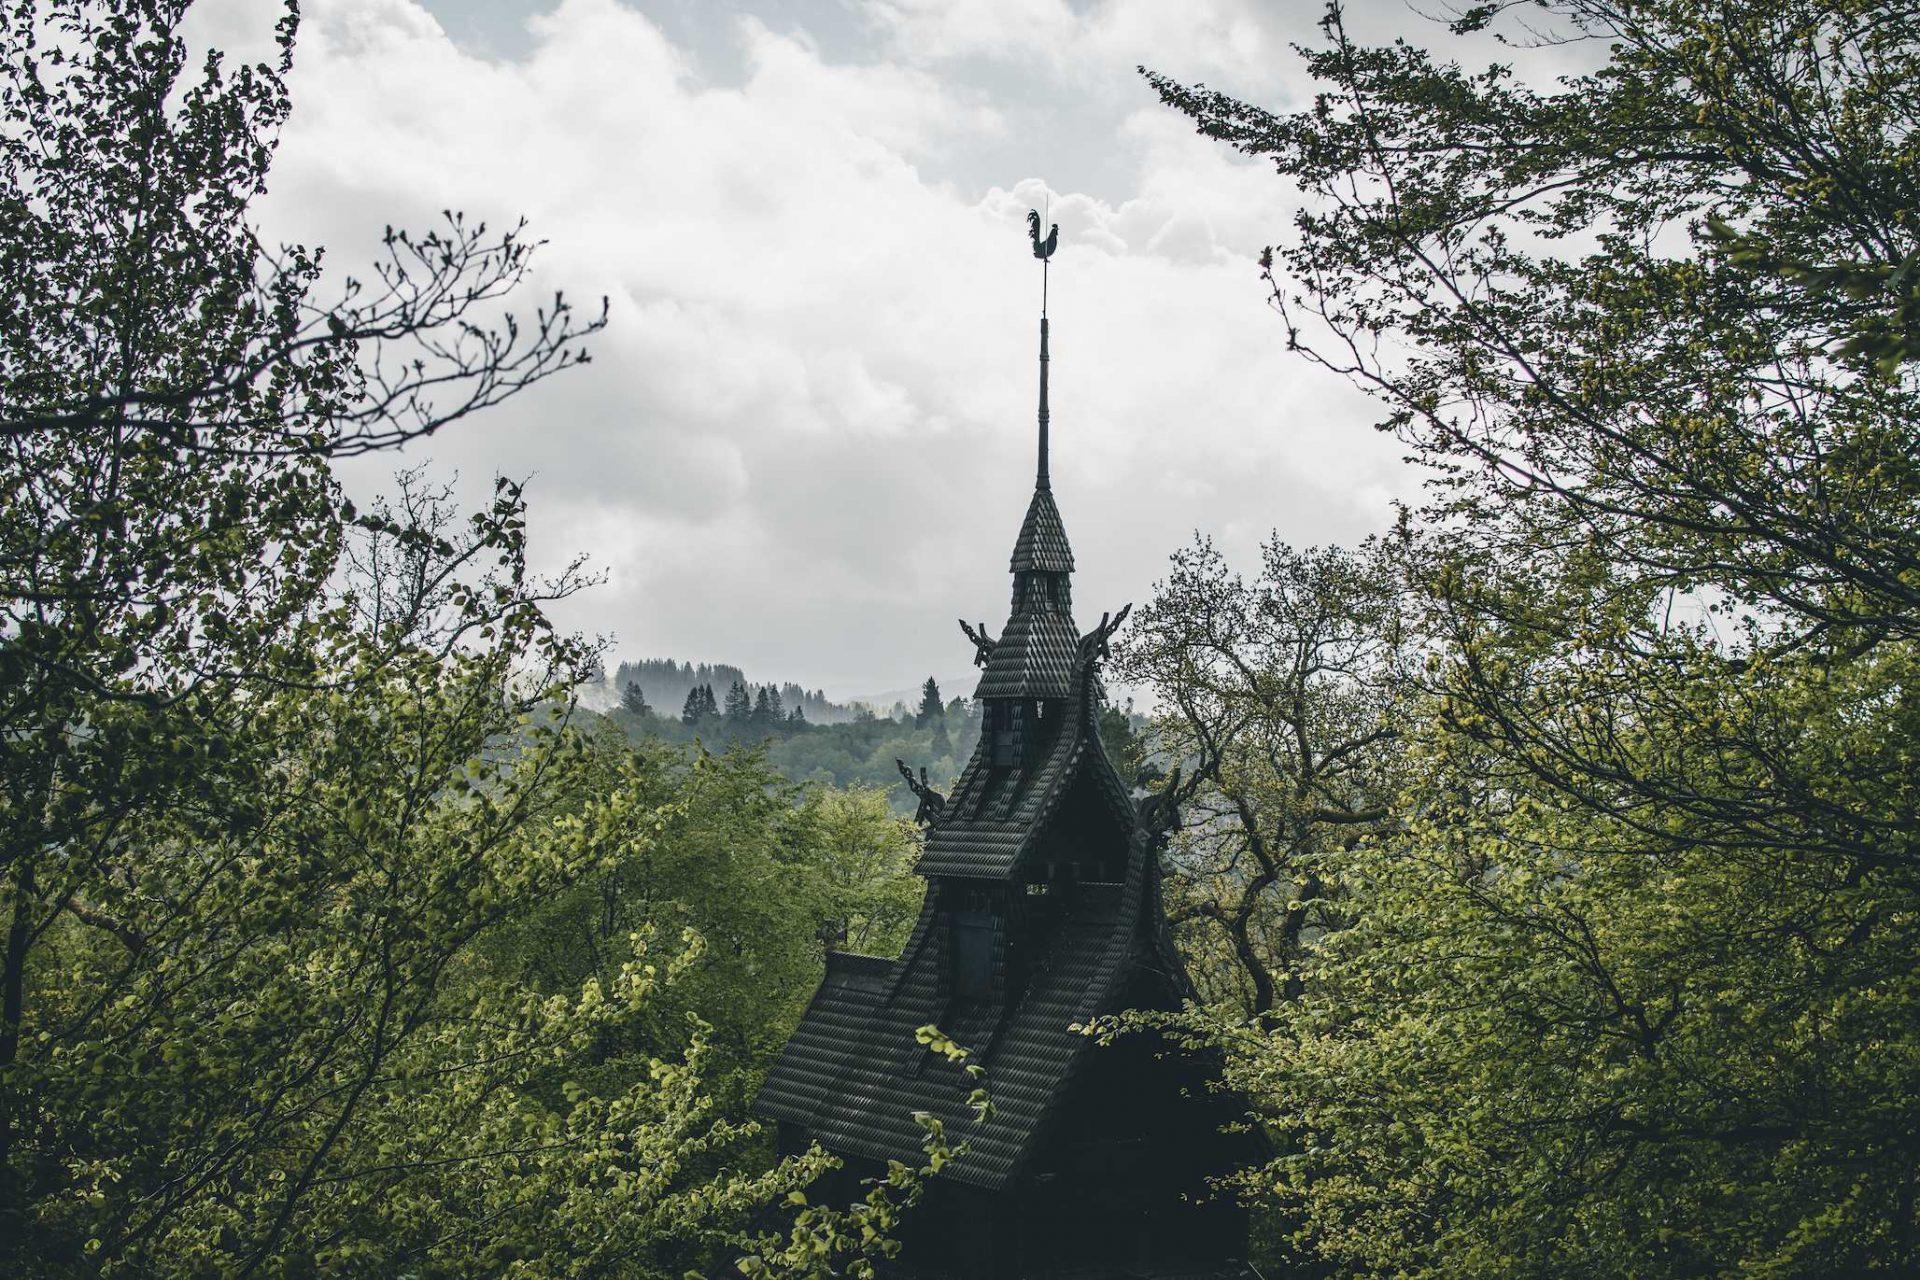 stavkirke wBergen